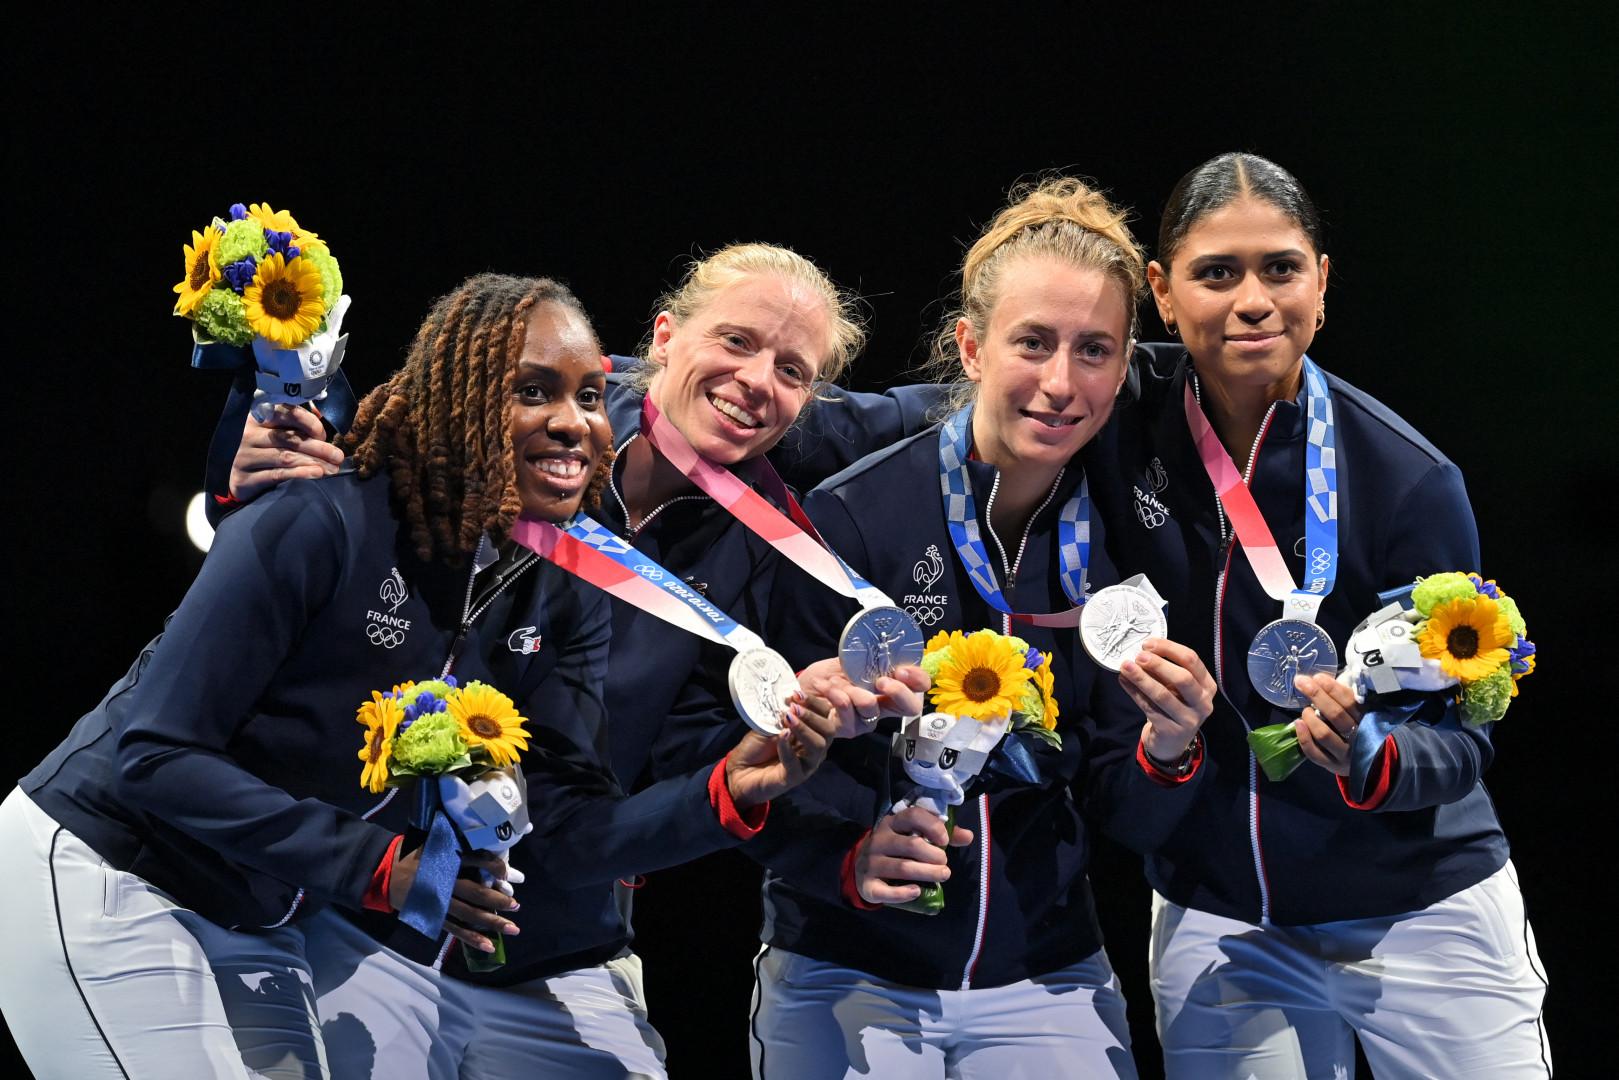 Les Françaises sur le podium au Fleuret, Astride Guyard, Anita Blaze, Pauline Ranvier, Ysaora Thibus à Chiba le 29 juillet 2021.